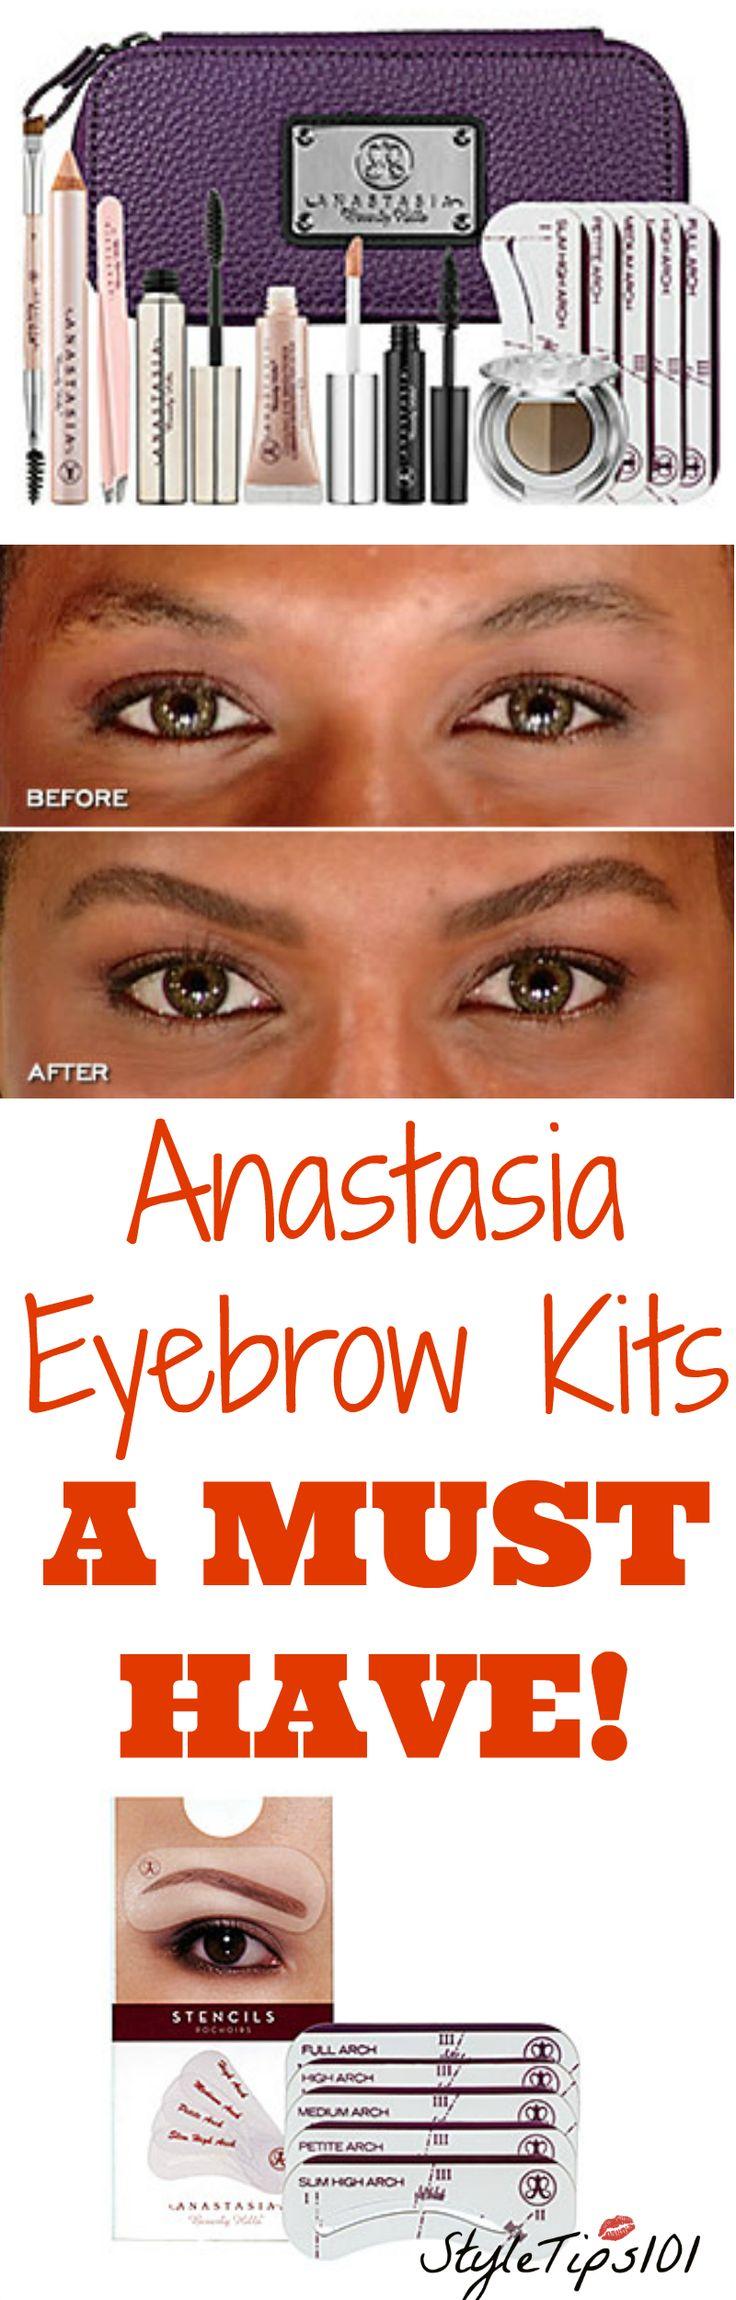 Anastasia Eyebrow Kit